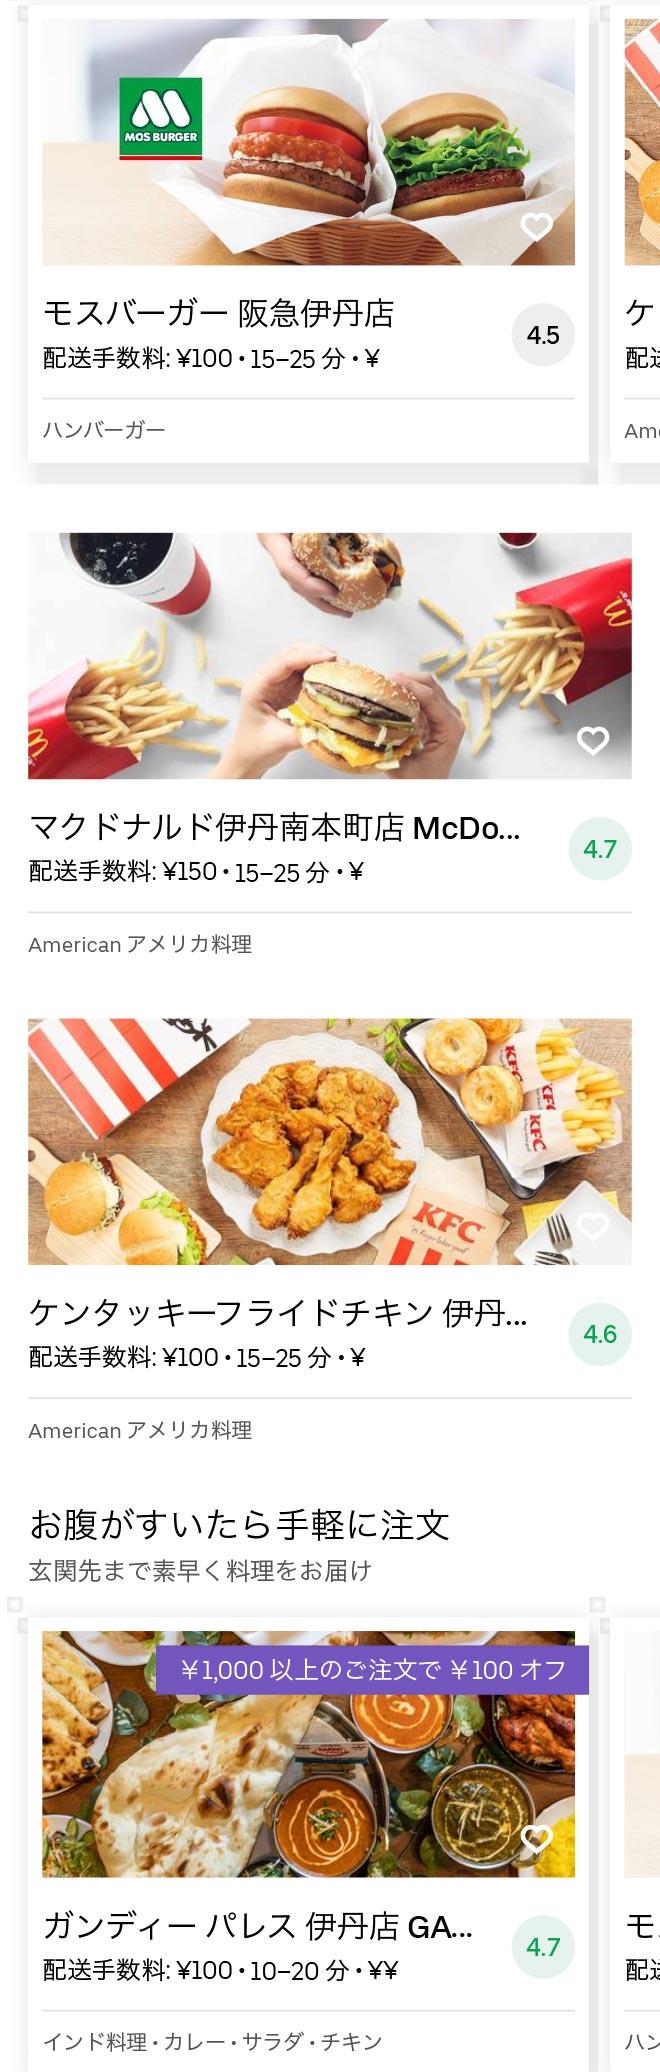 Itami menu 2007 01